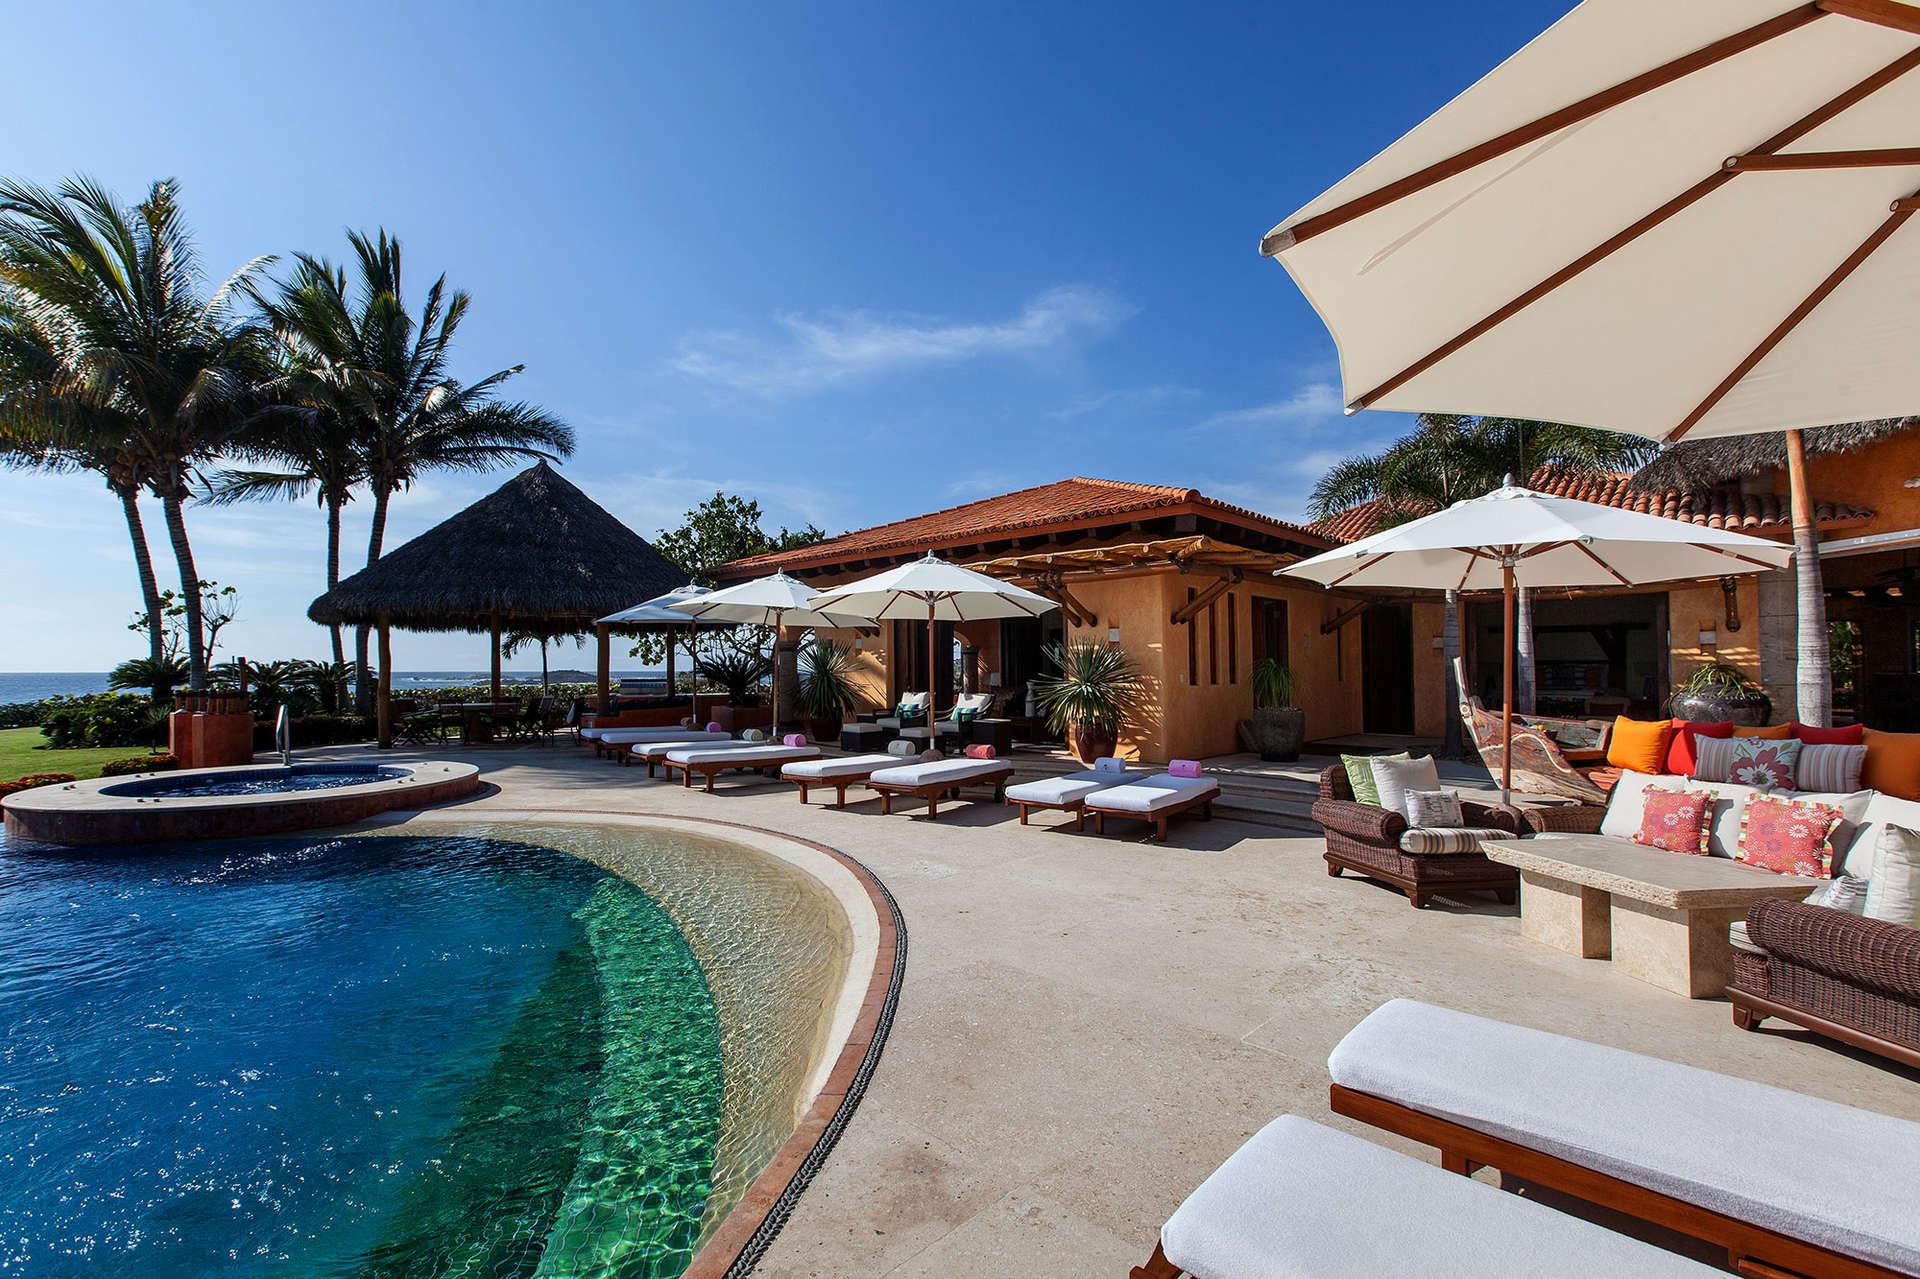 Luxury vacation rentals mexico - Punta mita - La punta estates - No location 4 - Estate Primavera - Image 1/22